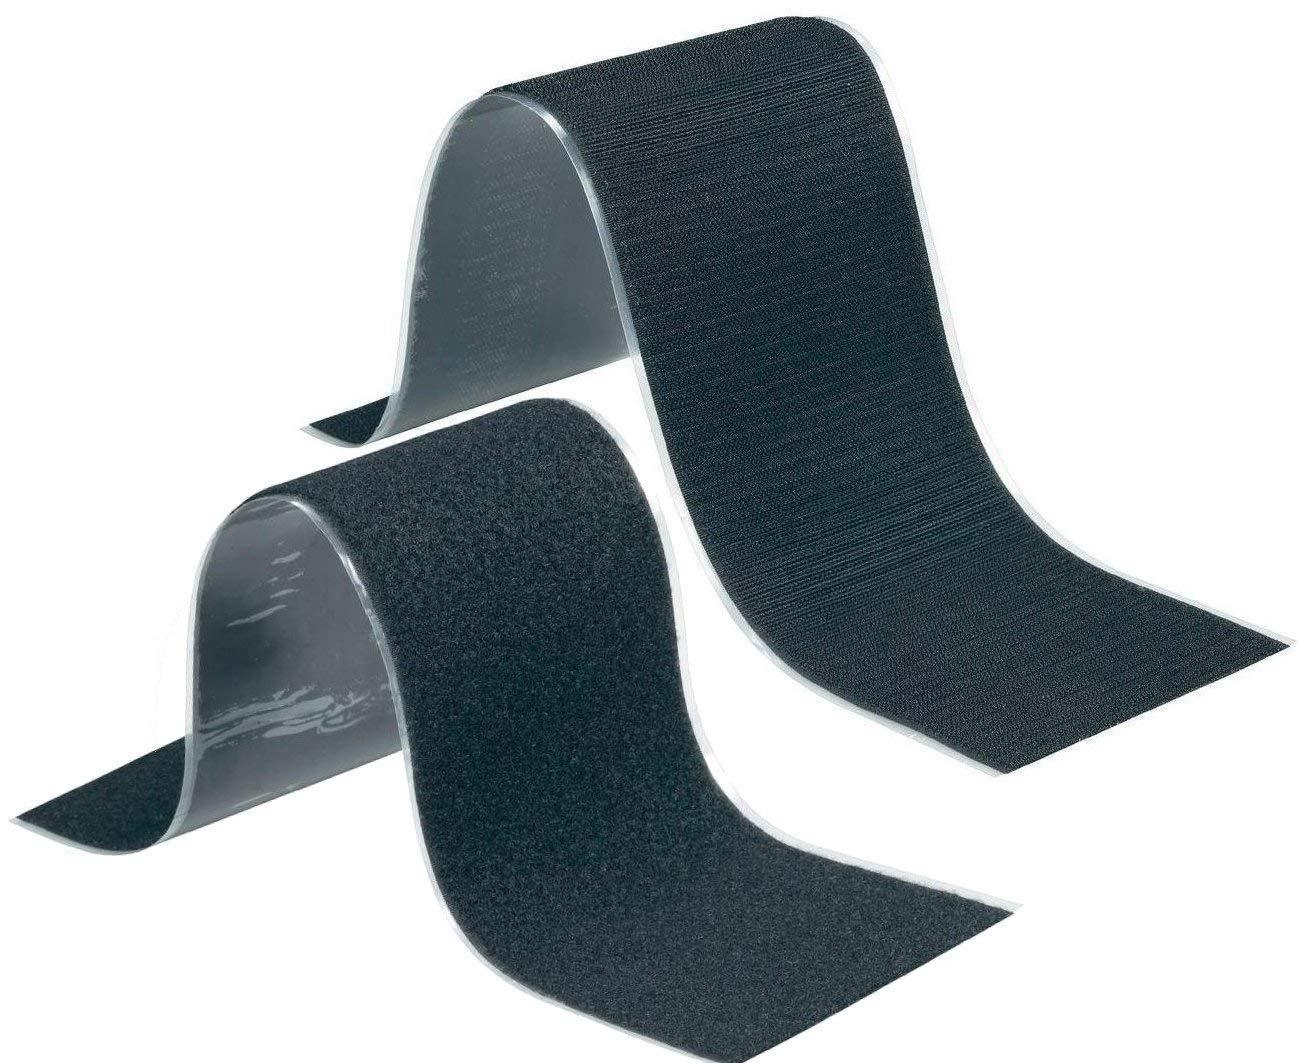 Set bande velcro autocollante noir, partie velours et partie crochets, super puissant pour accrocher et fixer, aussi pour accrocher les plaques d'immatriculation, porte-outils 10,7 x 50 cm aussi pour accrocher les plaques d' immatriculation FASTECH